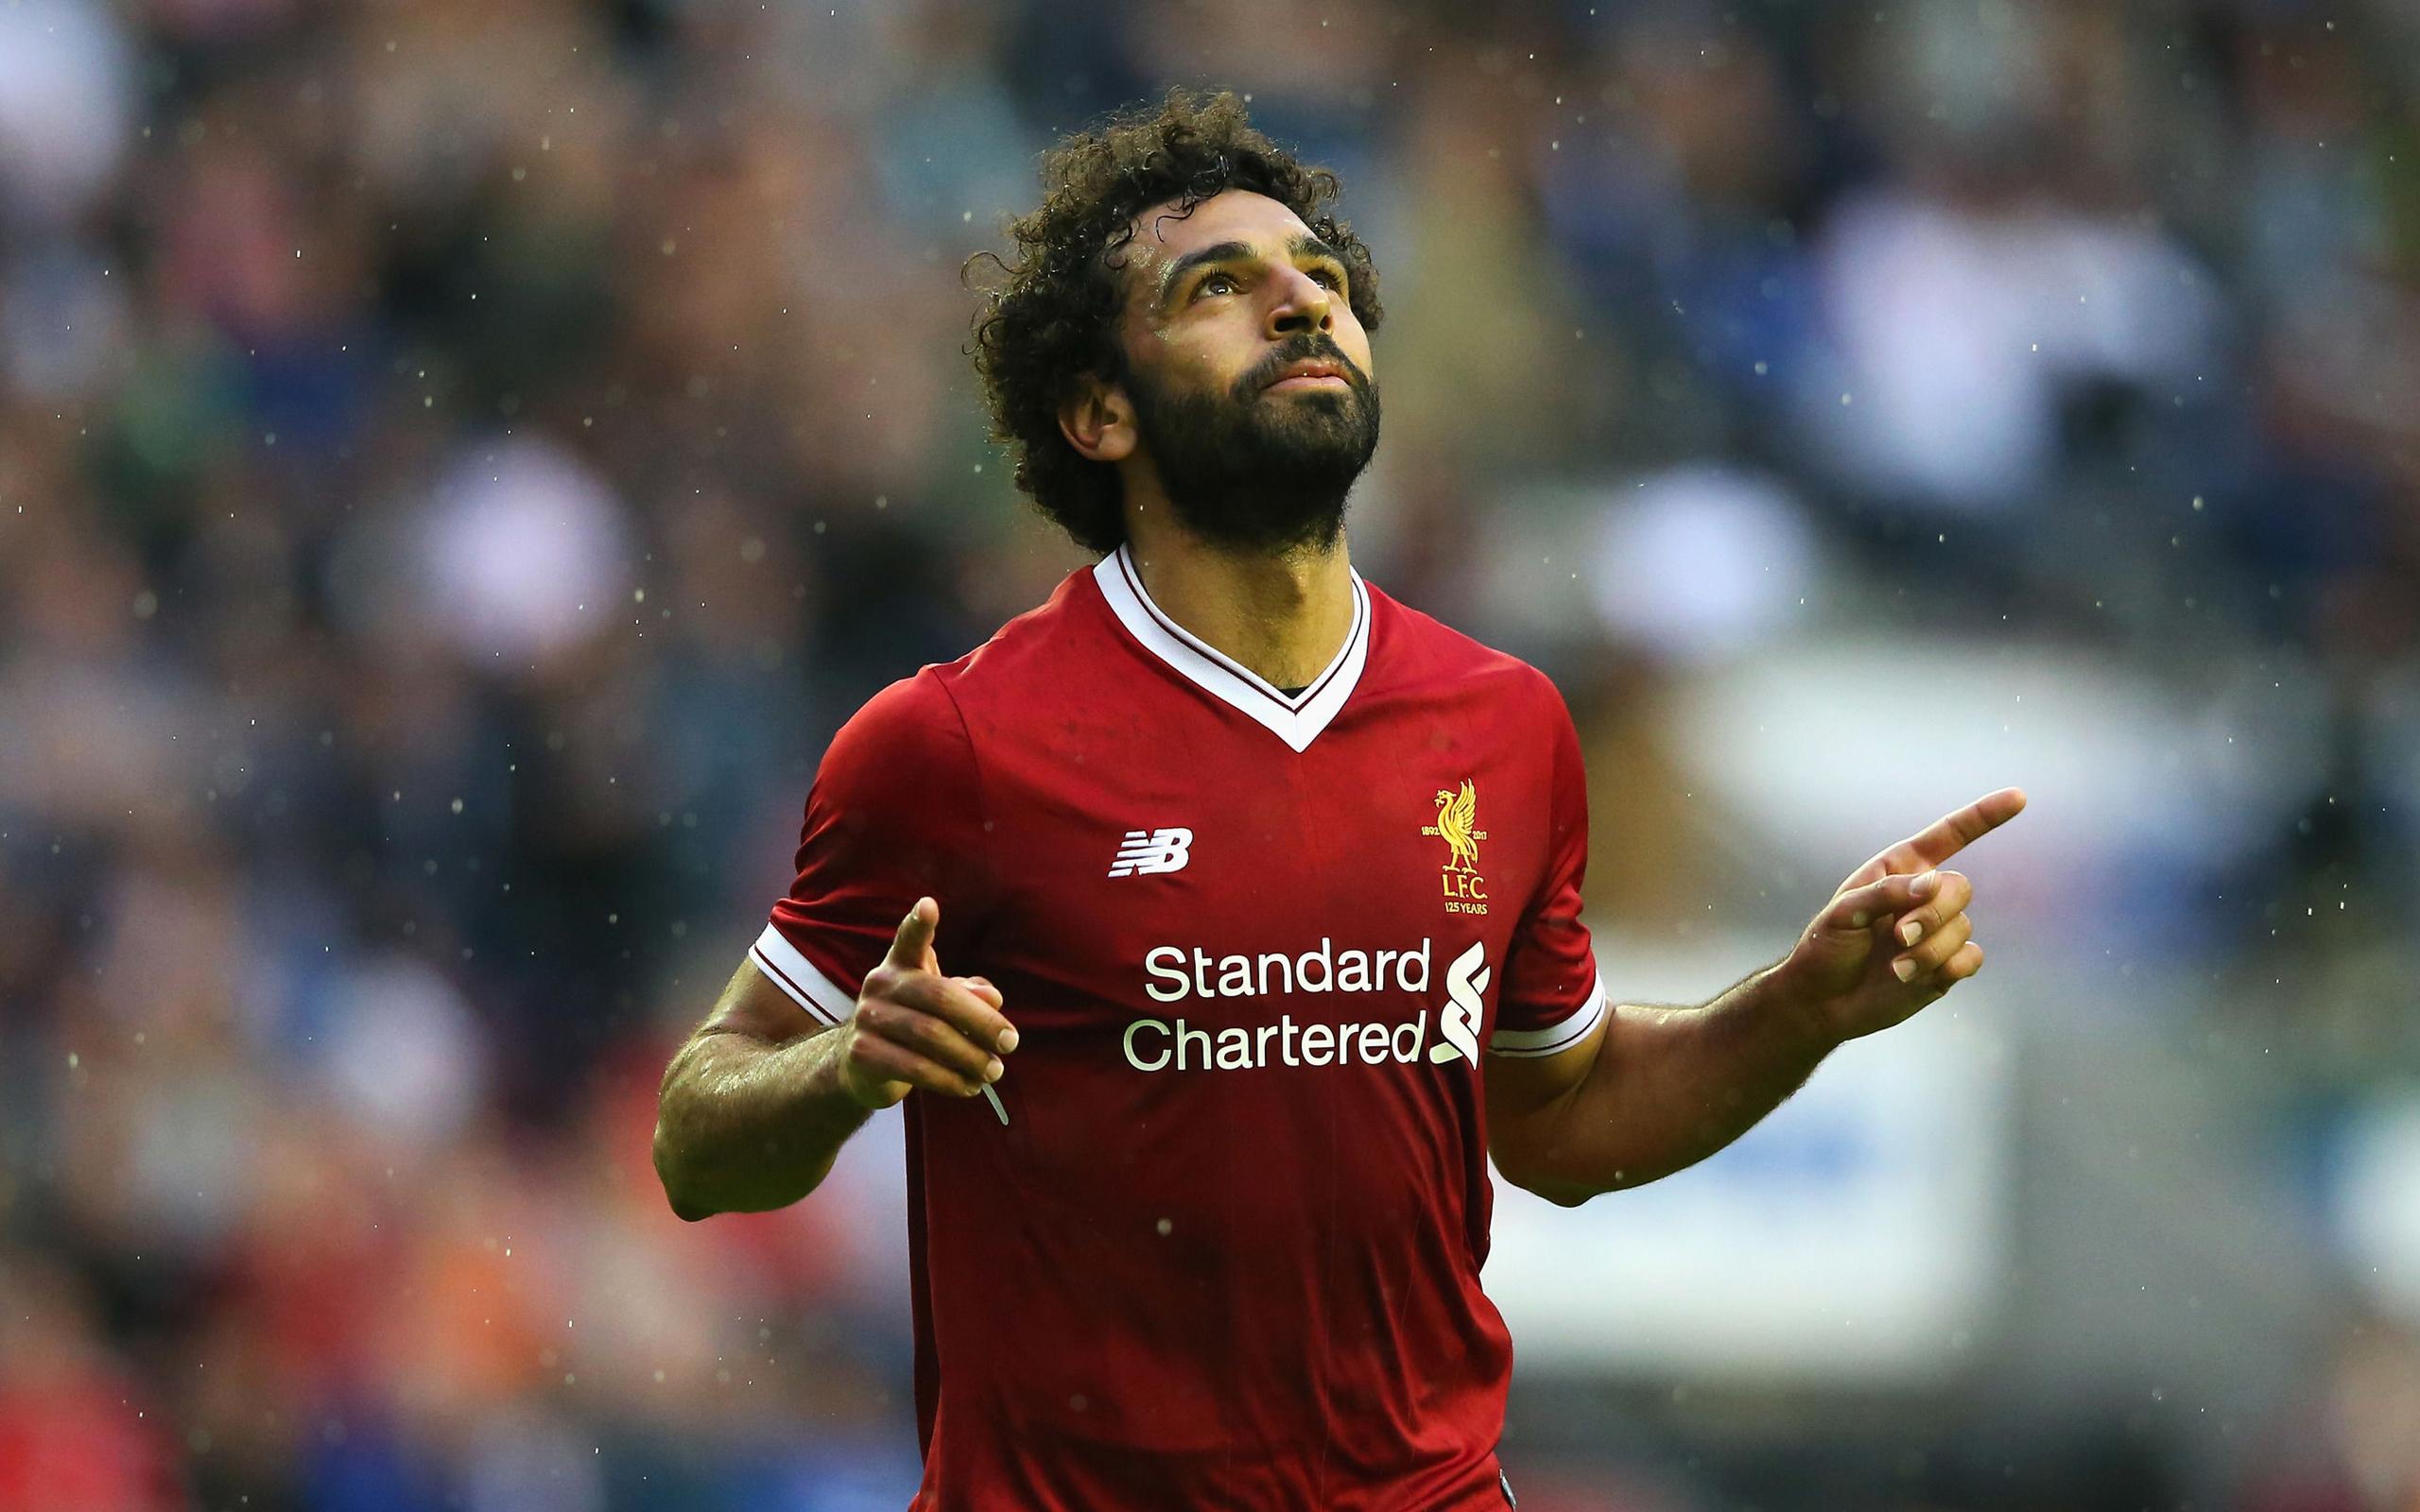 Mohamed Salah Liverpool And Egyptian Football Player